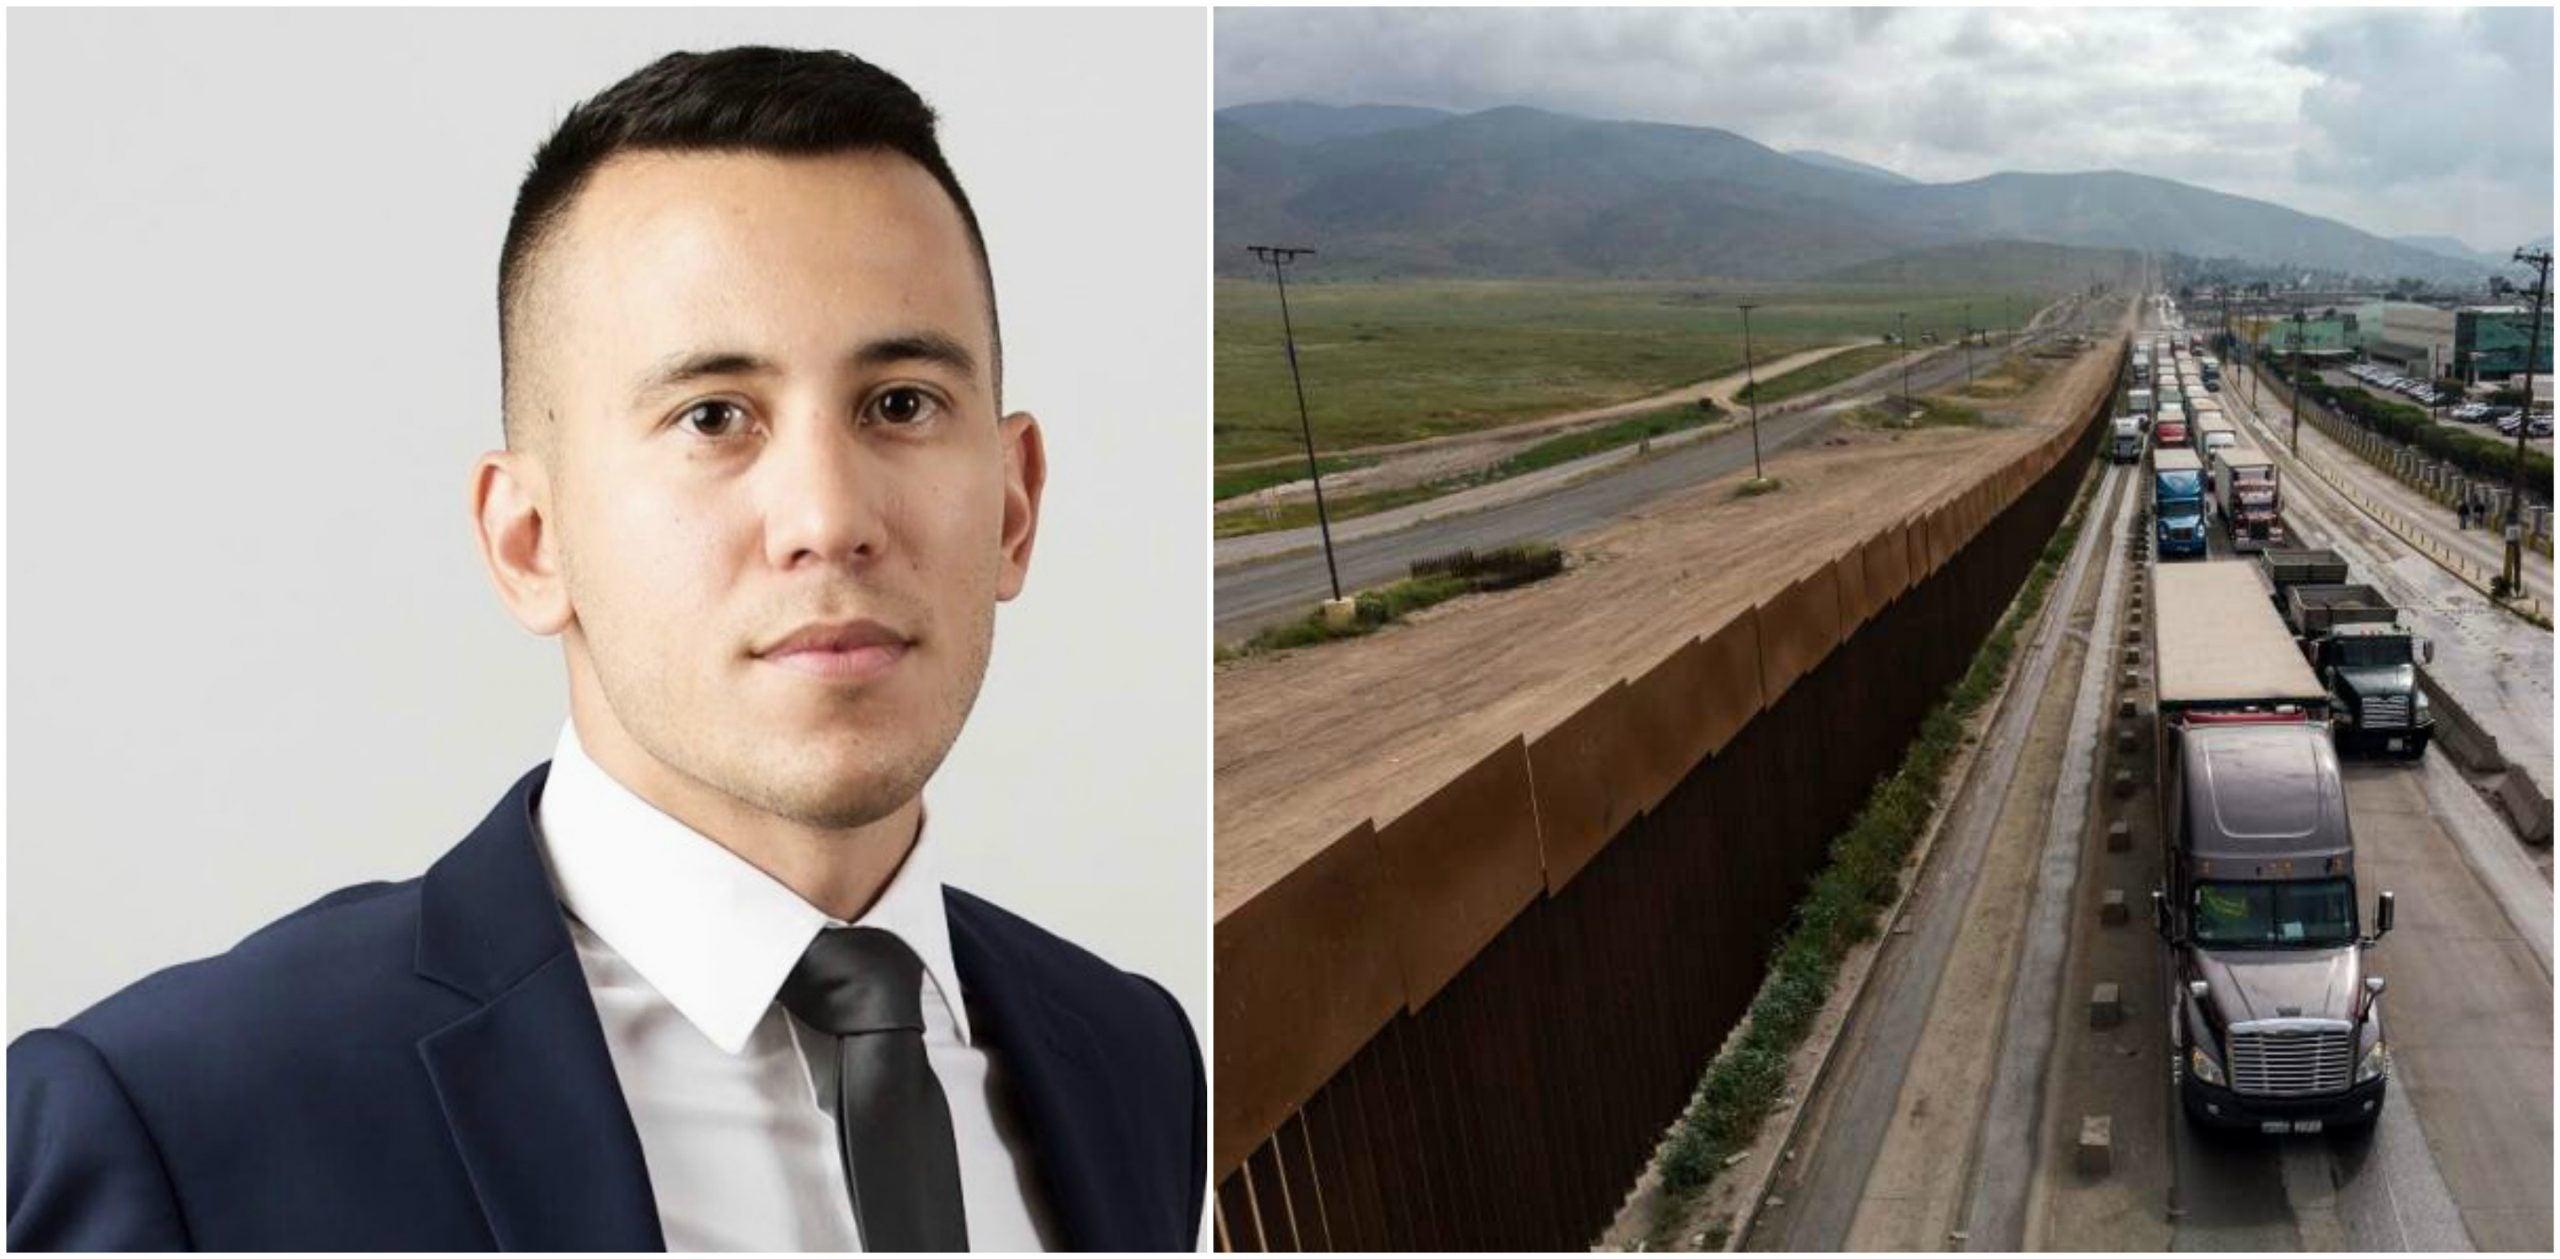 Opinión de periodista acerca de hondureña que parió en la frontera es considerada cruel